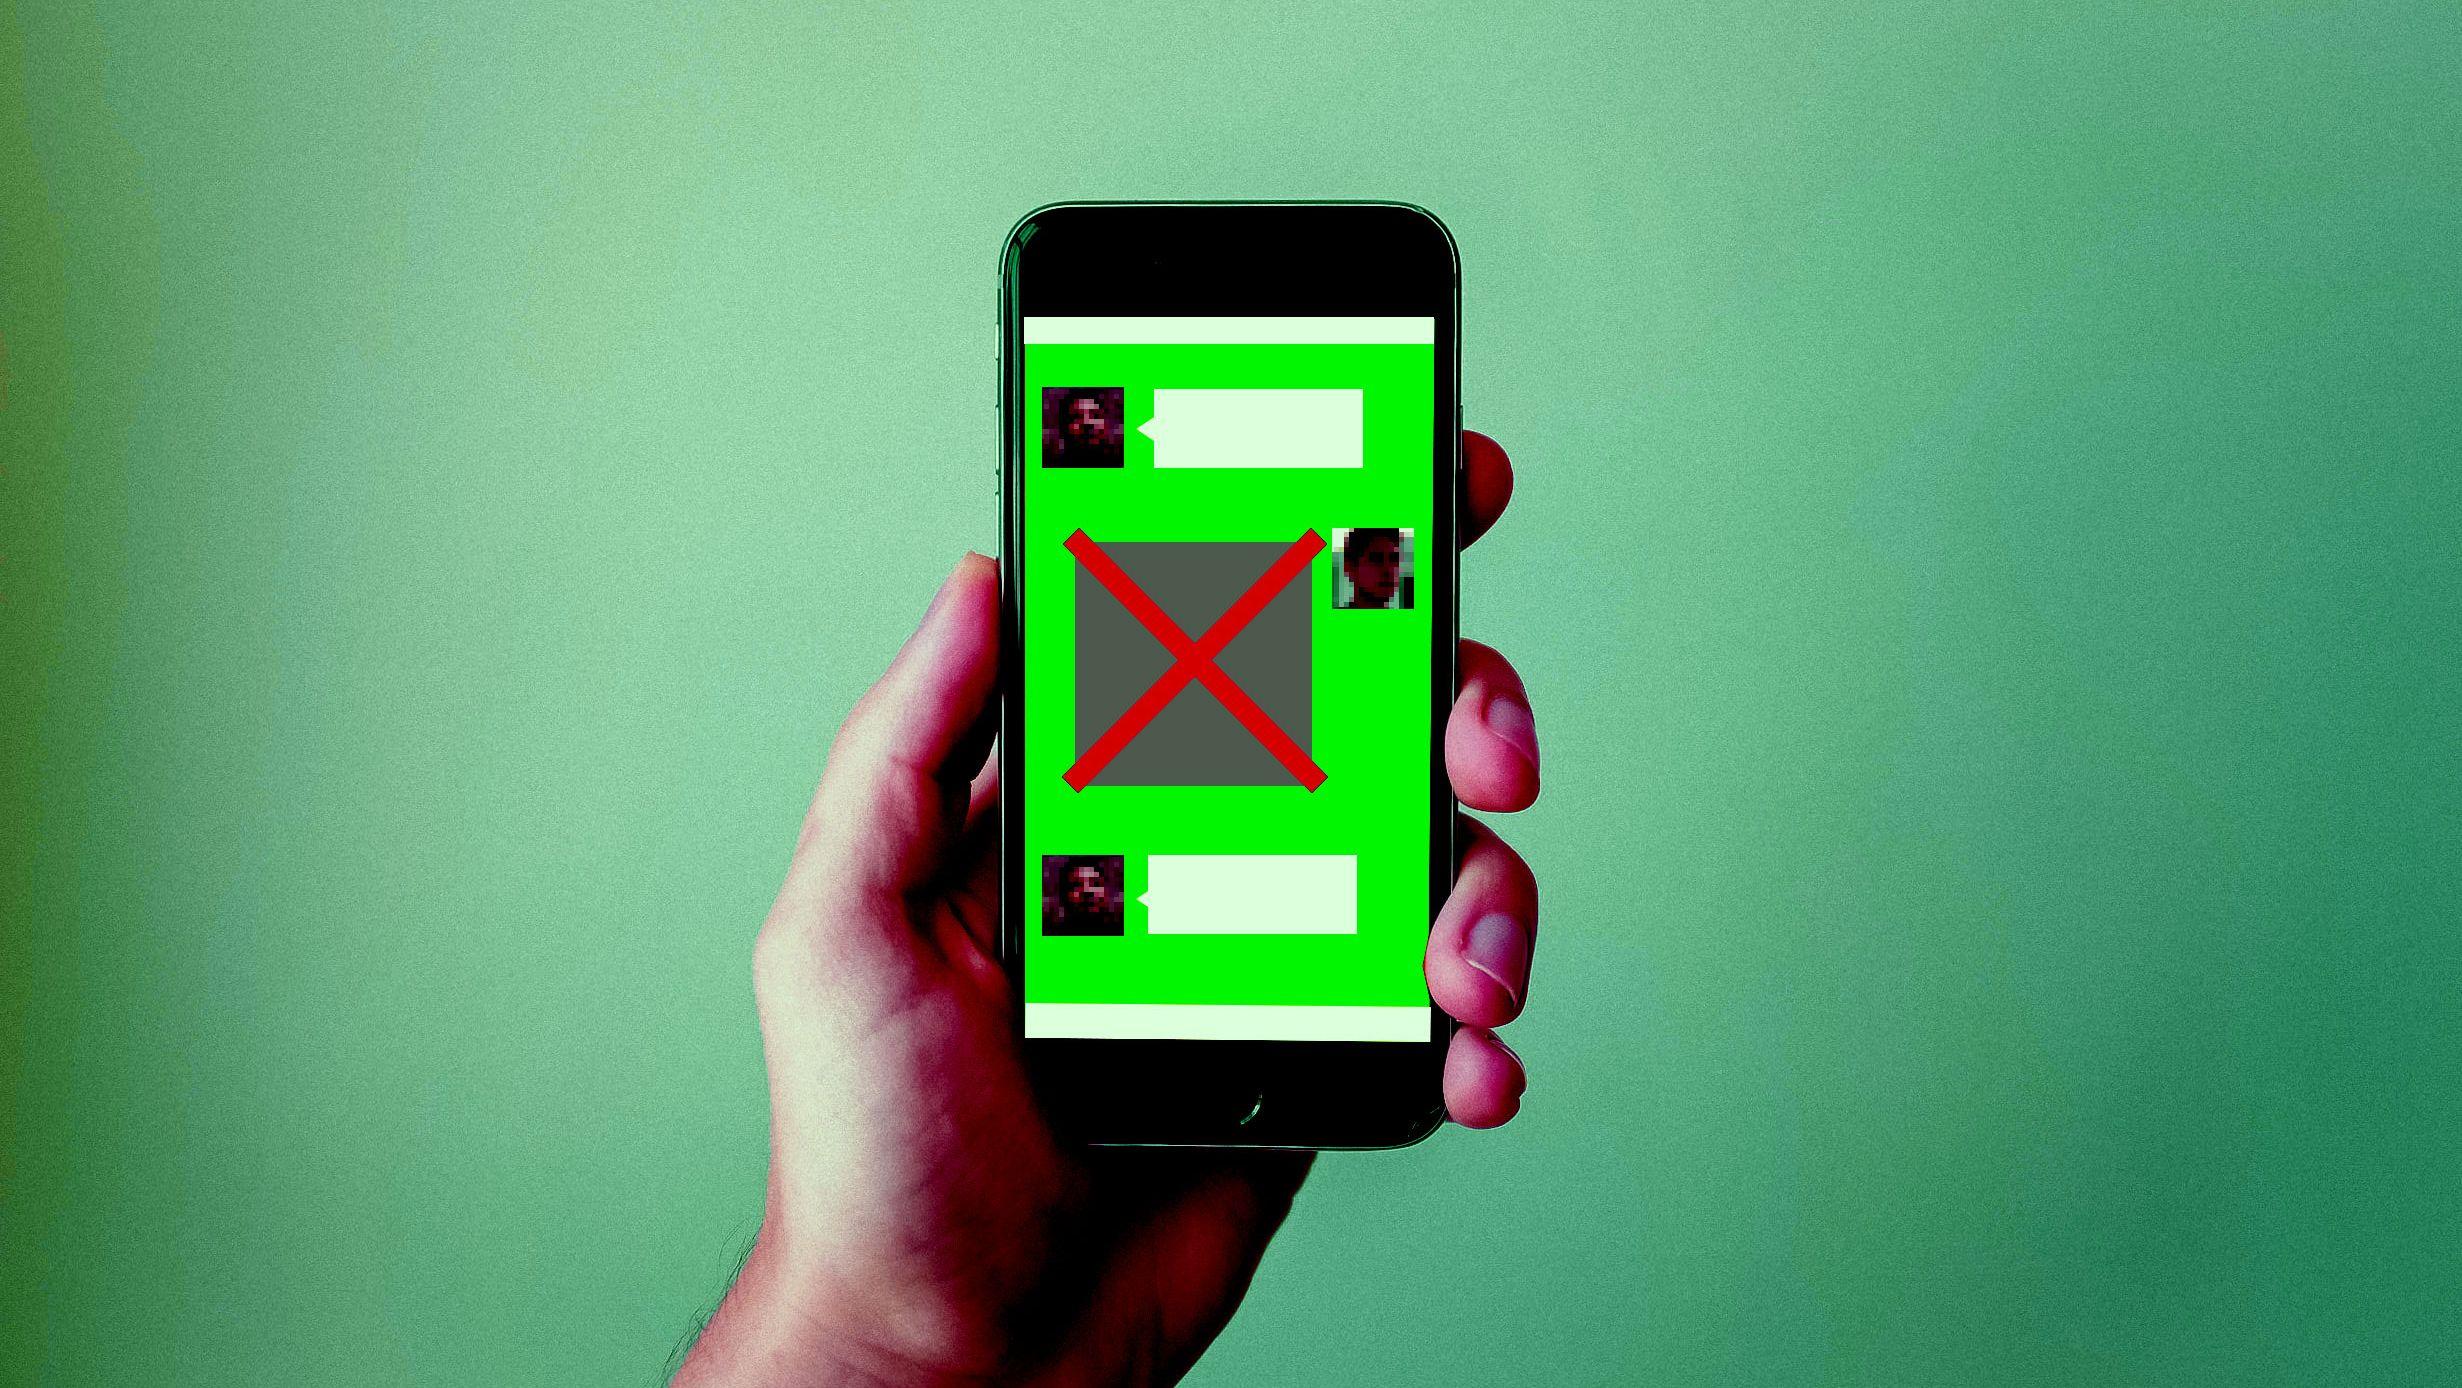 世界最先端の中国アプリ ウィーチャットに見る インターネットの暗い未来